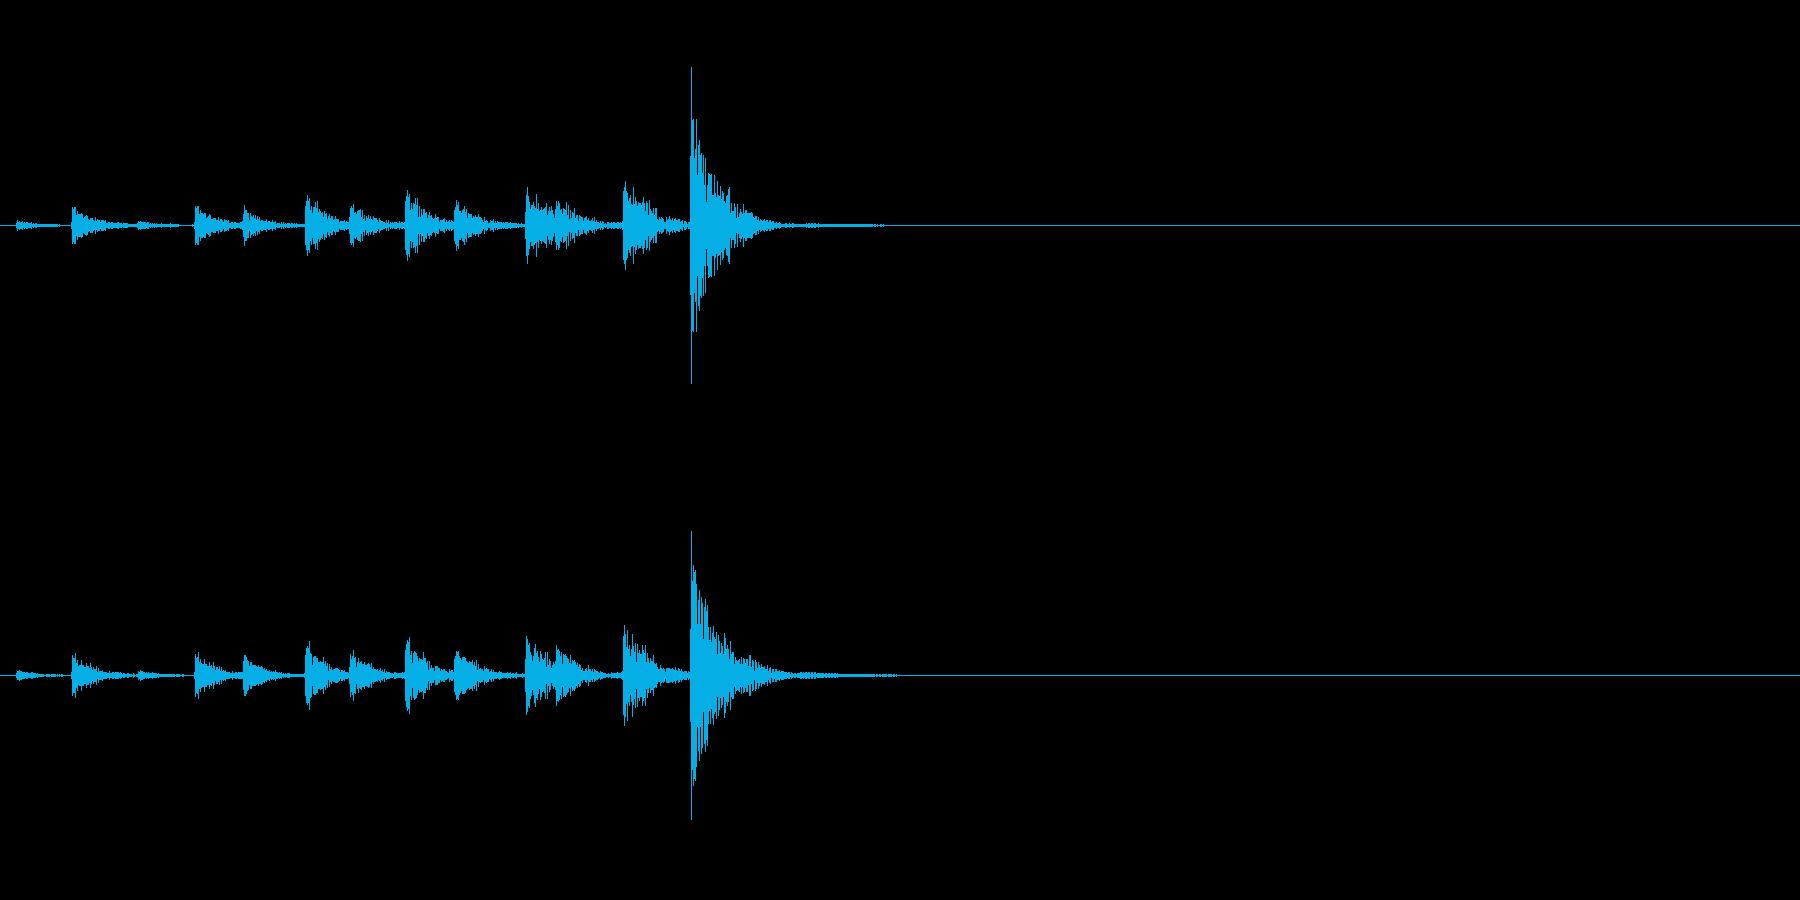 相撲などの触れ太鼓「大拍子」の連続音1の再生済みの波形